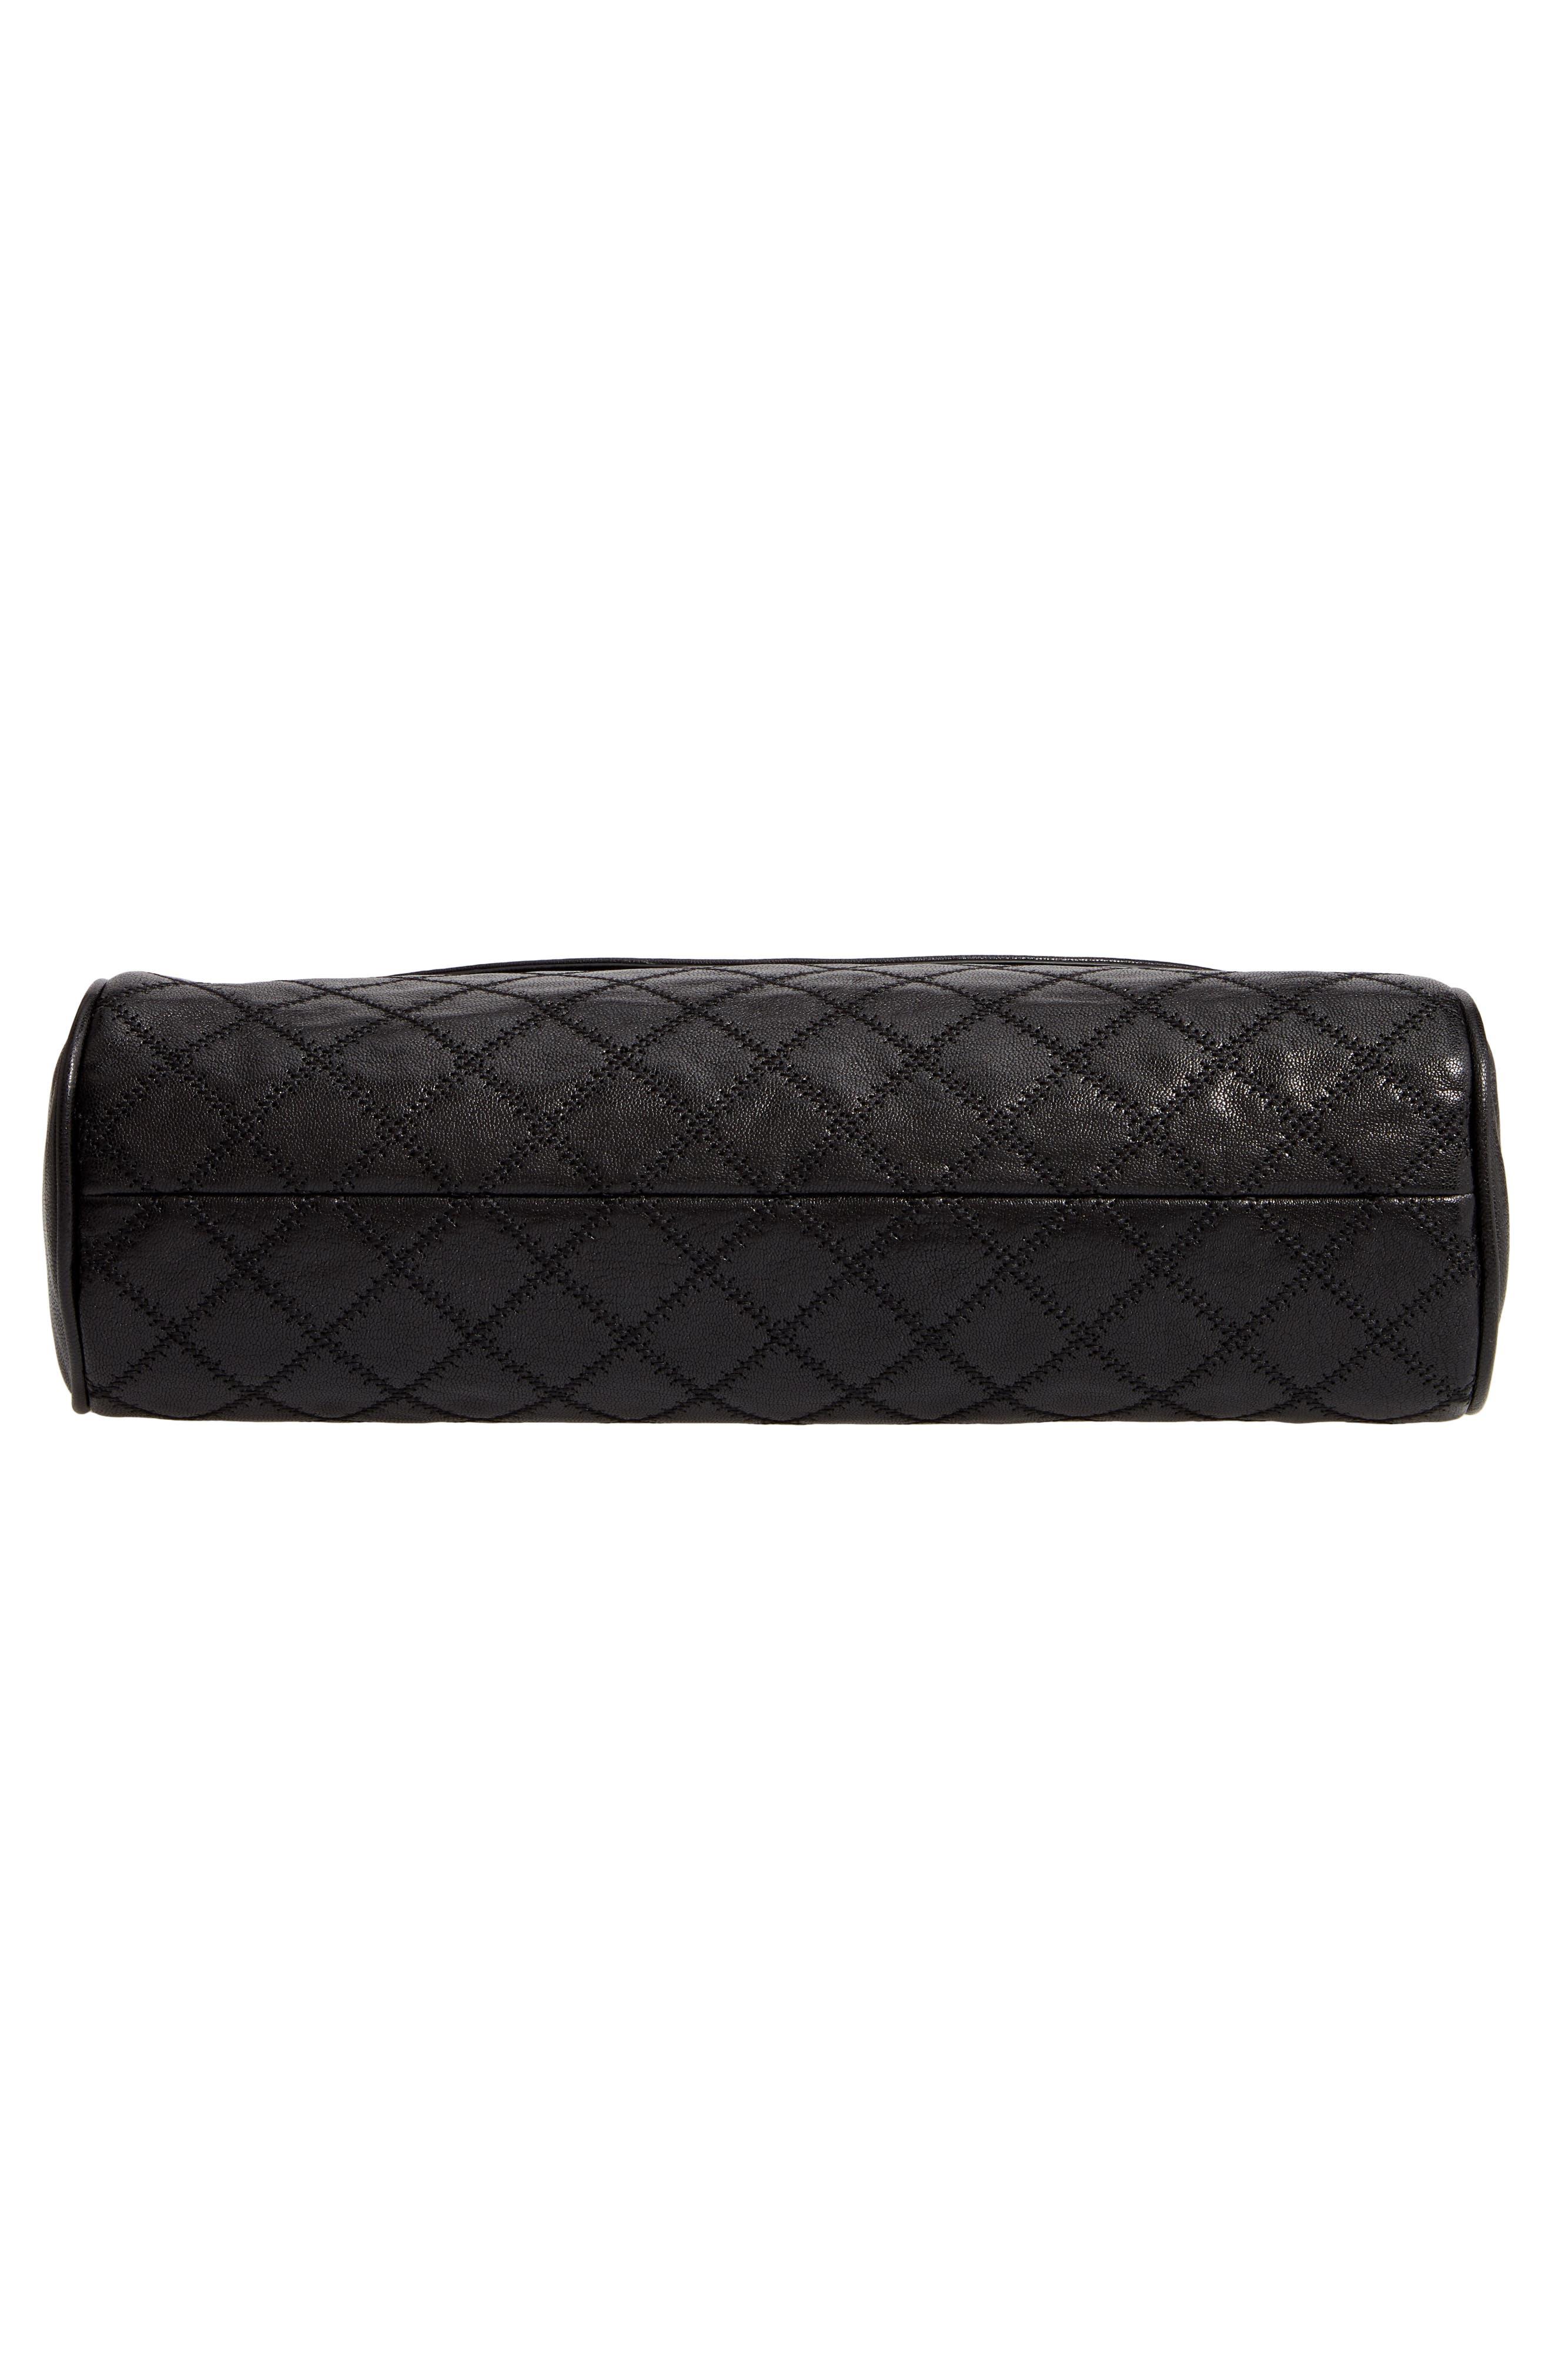 Fleming Leather Foldover Hobo,                             Alternate thumbnail 6, color,                             BLACK